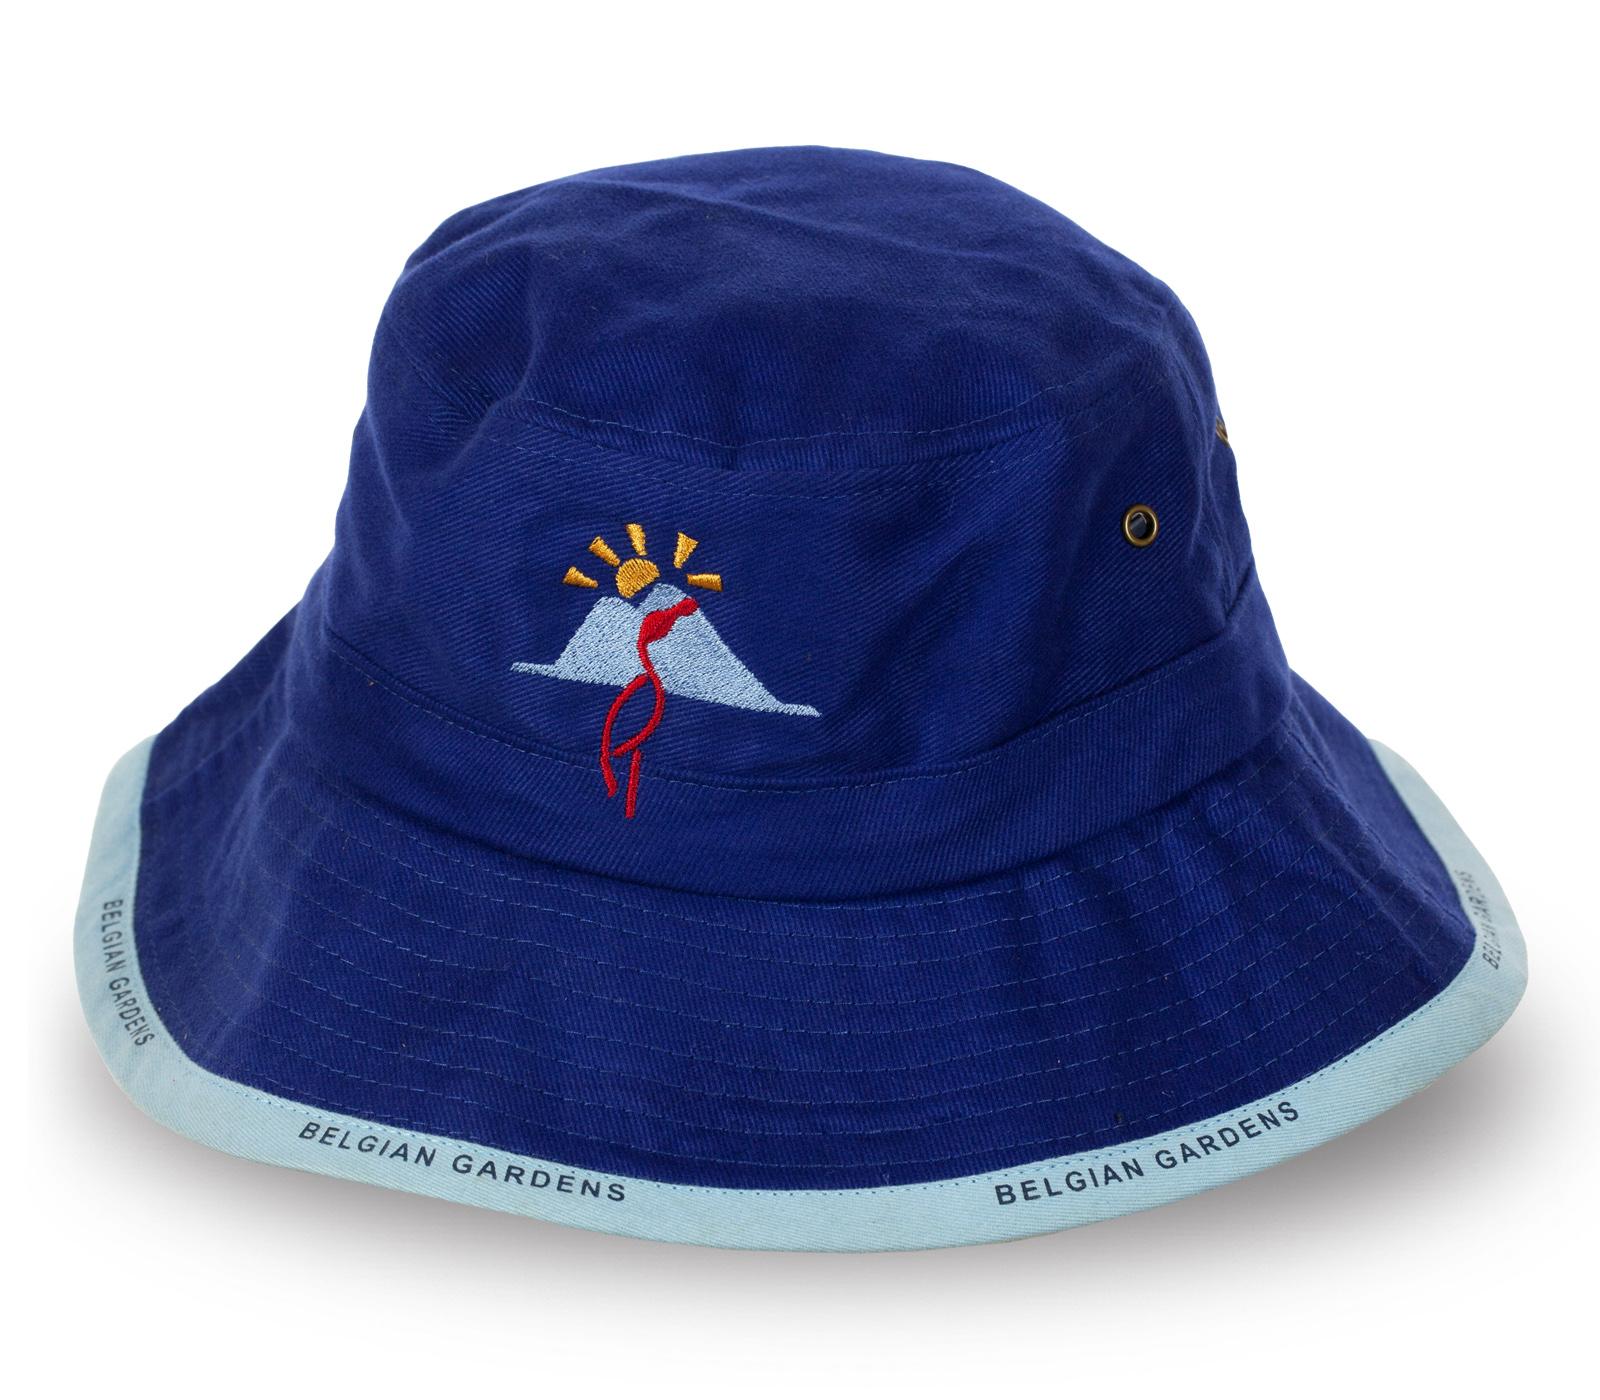 Синяя панамка бельгийского качества - купить по низкой цене